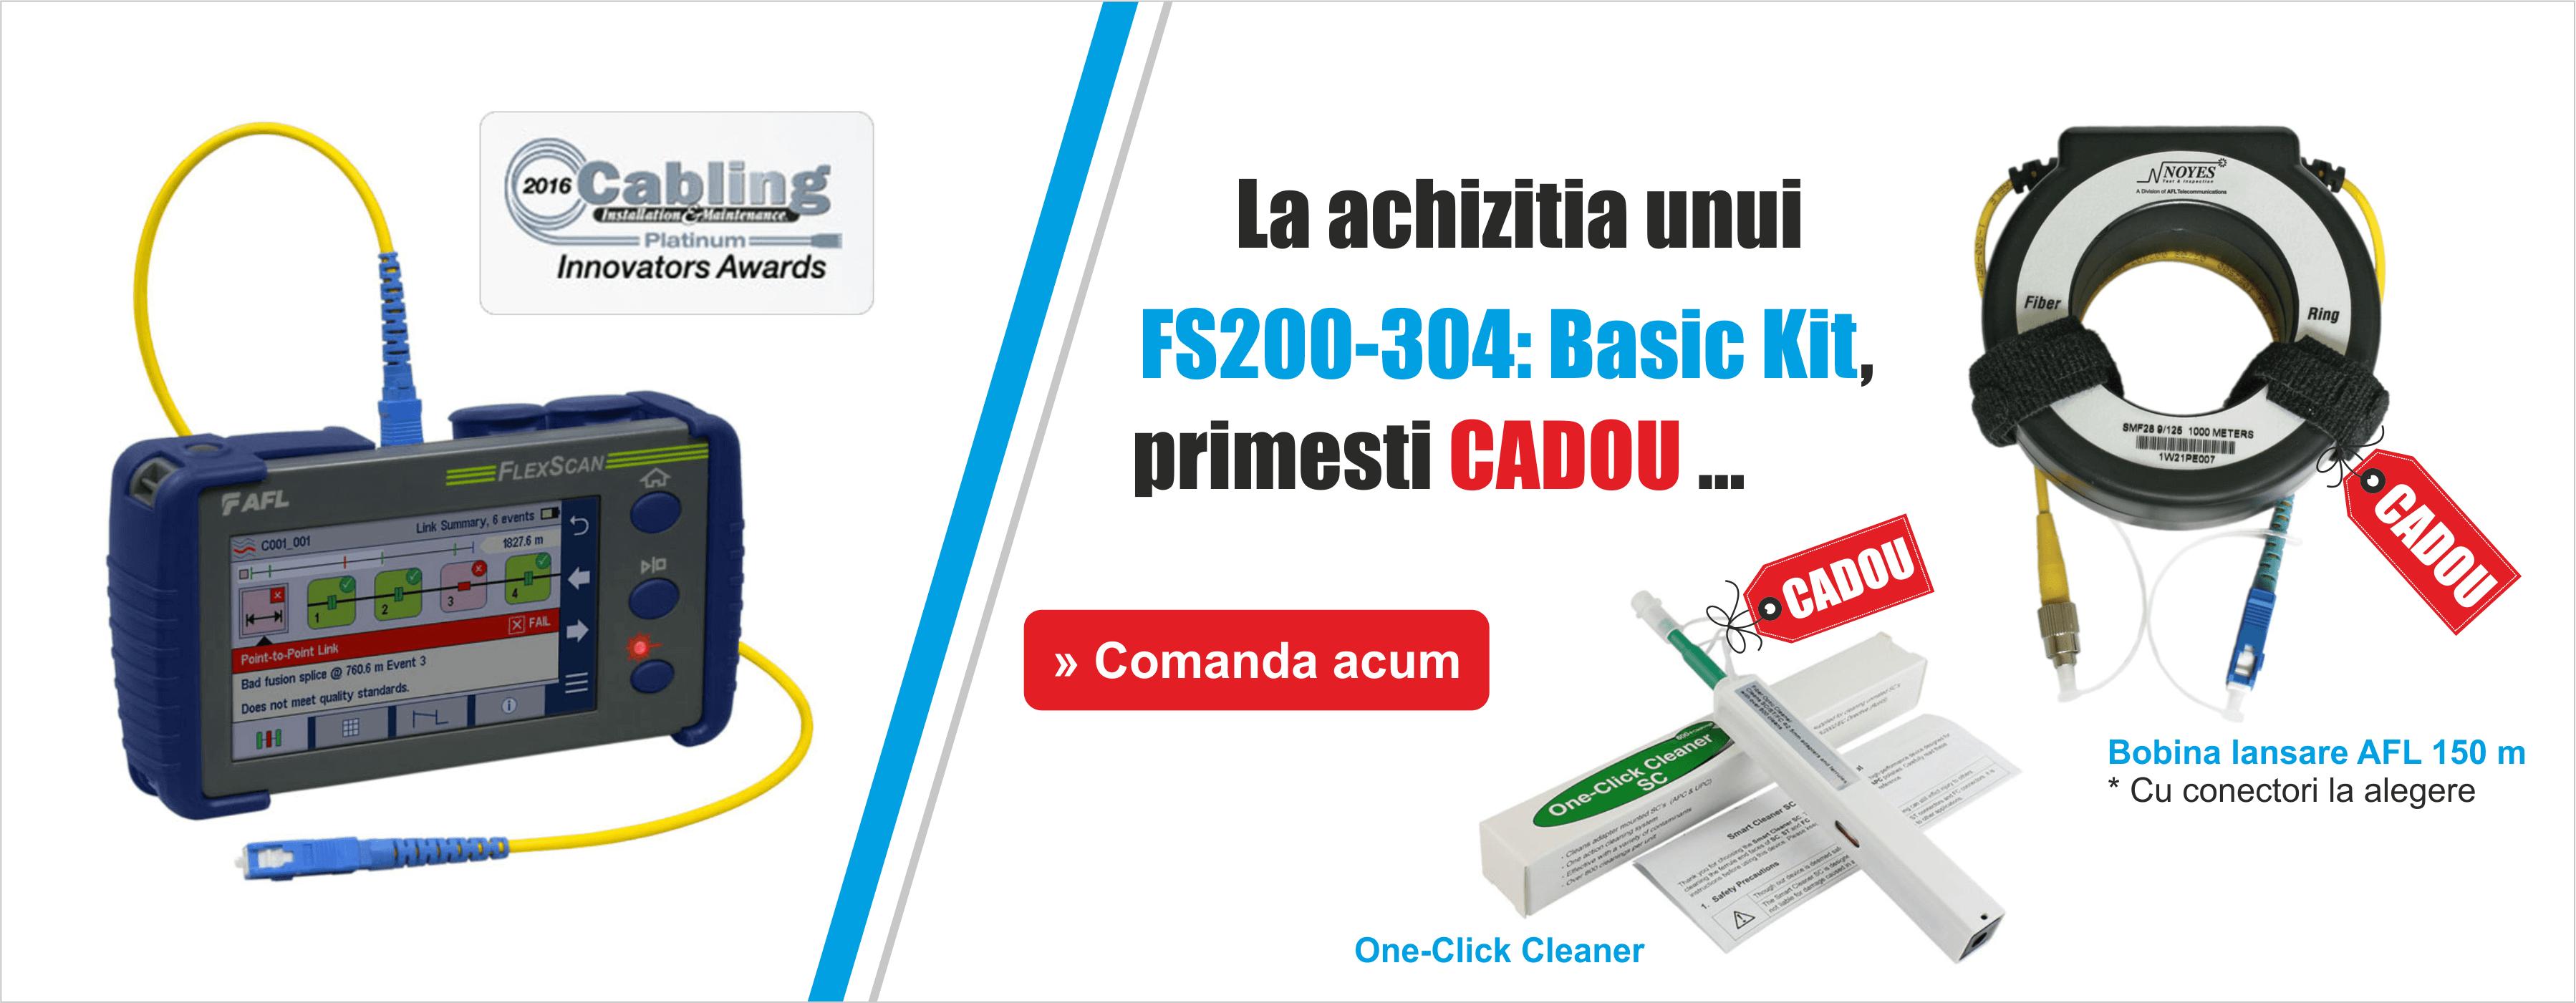 AFL FlexScan - FS200-304